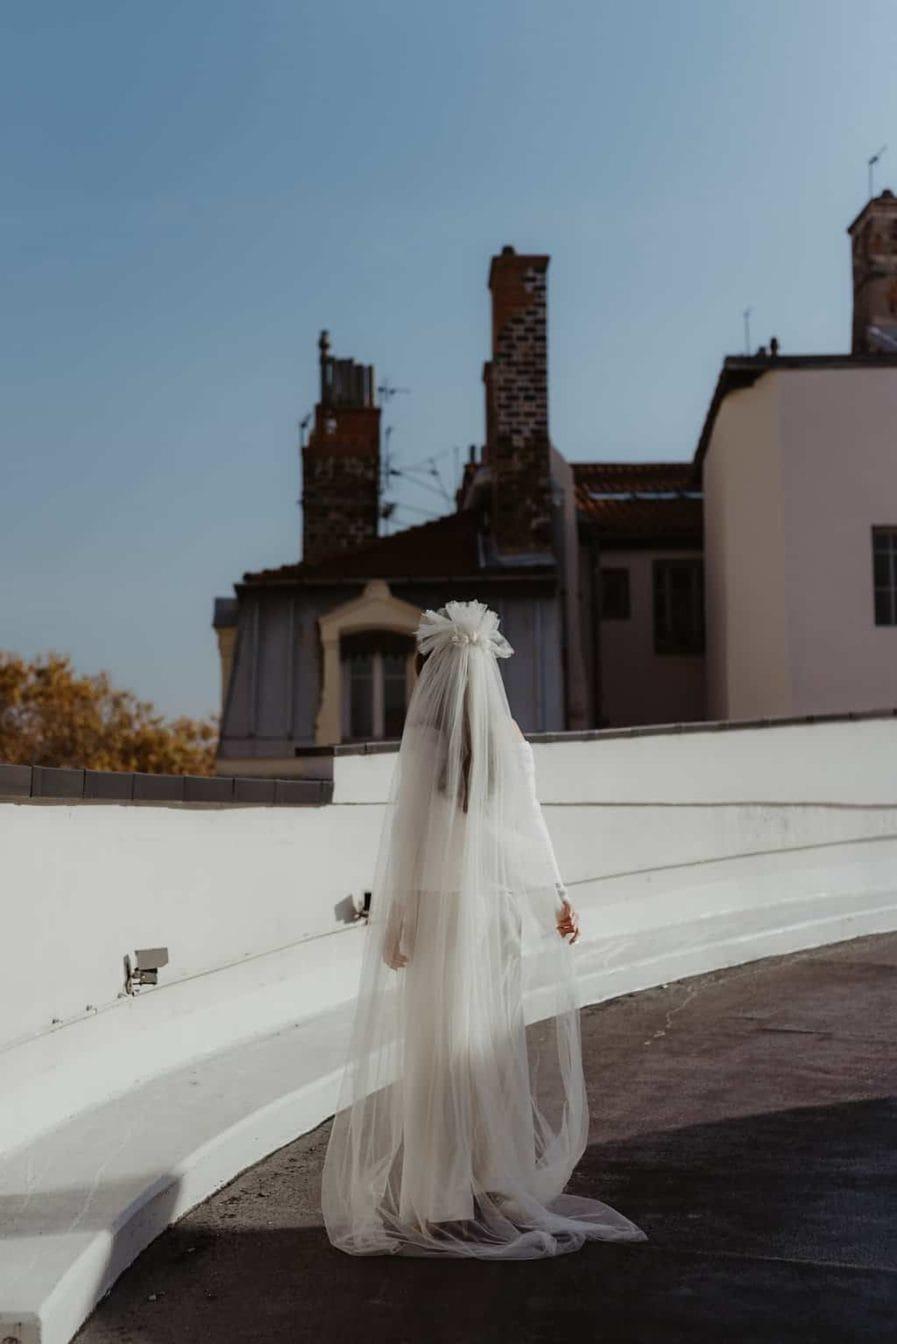 Photographie Anaïs Nannini - Voile de mariée fleuri Aretha Couleur Ivoire - Collaboration Ingrid Fey les Fleurs Dupont - Voile de taille cathédrale